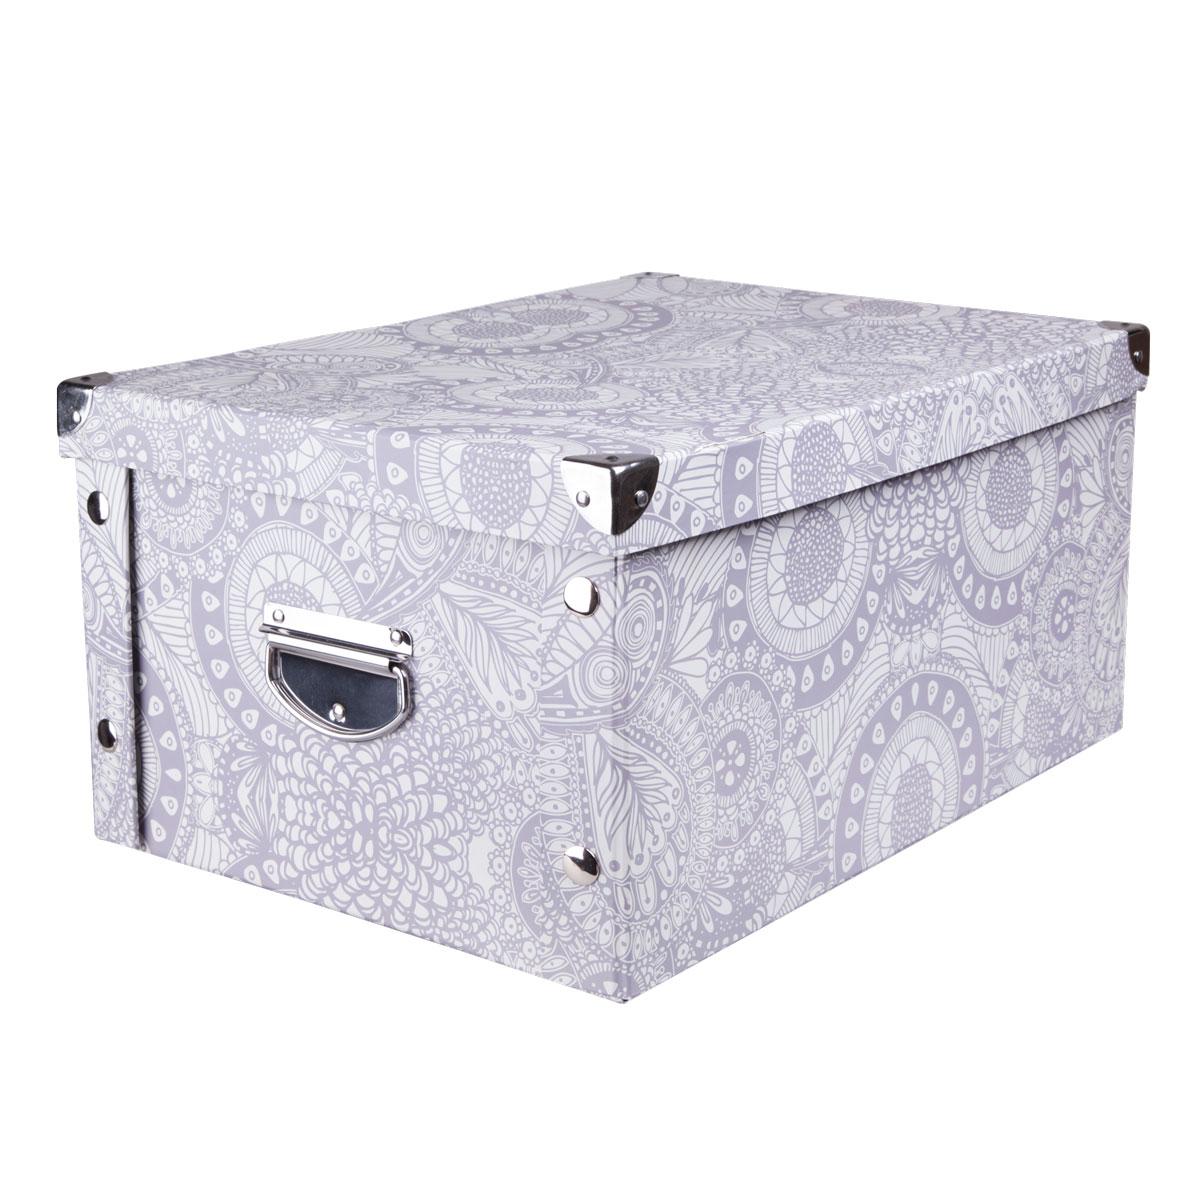 Коробка для хранения Miolla, 40 х 30 х 20 см. CFB-03CFB-03Коробка для хранения Miolla прекрасно подойдет для хранения бытовых мелочей, документов, аксессуаров для рукоделия и других мелких предметов. Коробка поставляется в разобранном виде, легко и быстро складывается. Плотная крышка и удобные для переноски металлические ручки станут приятным дополнением к функциональным достоинствам коробки. Удобная крышка не даст ни одной вещи потеряться, а оптимальный размер подойдет для любого шкафа или полки.Компактная, но при этом вместительная коробка для хранения станет яркой нотой в вашем интерьере.